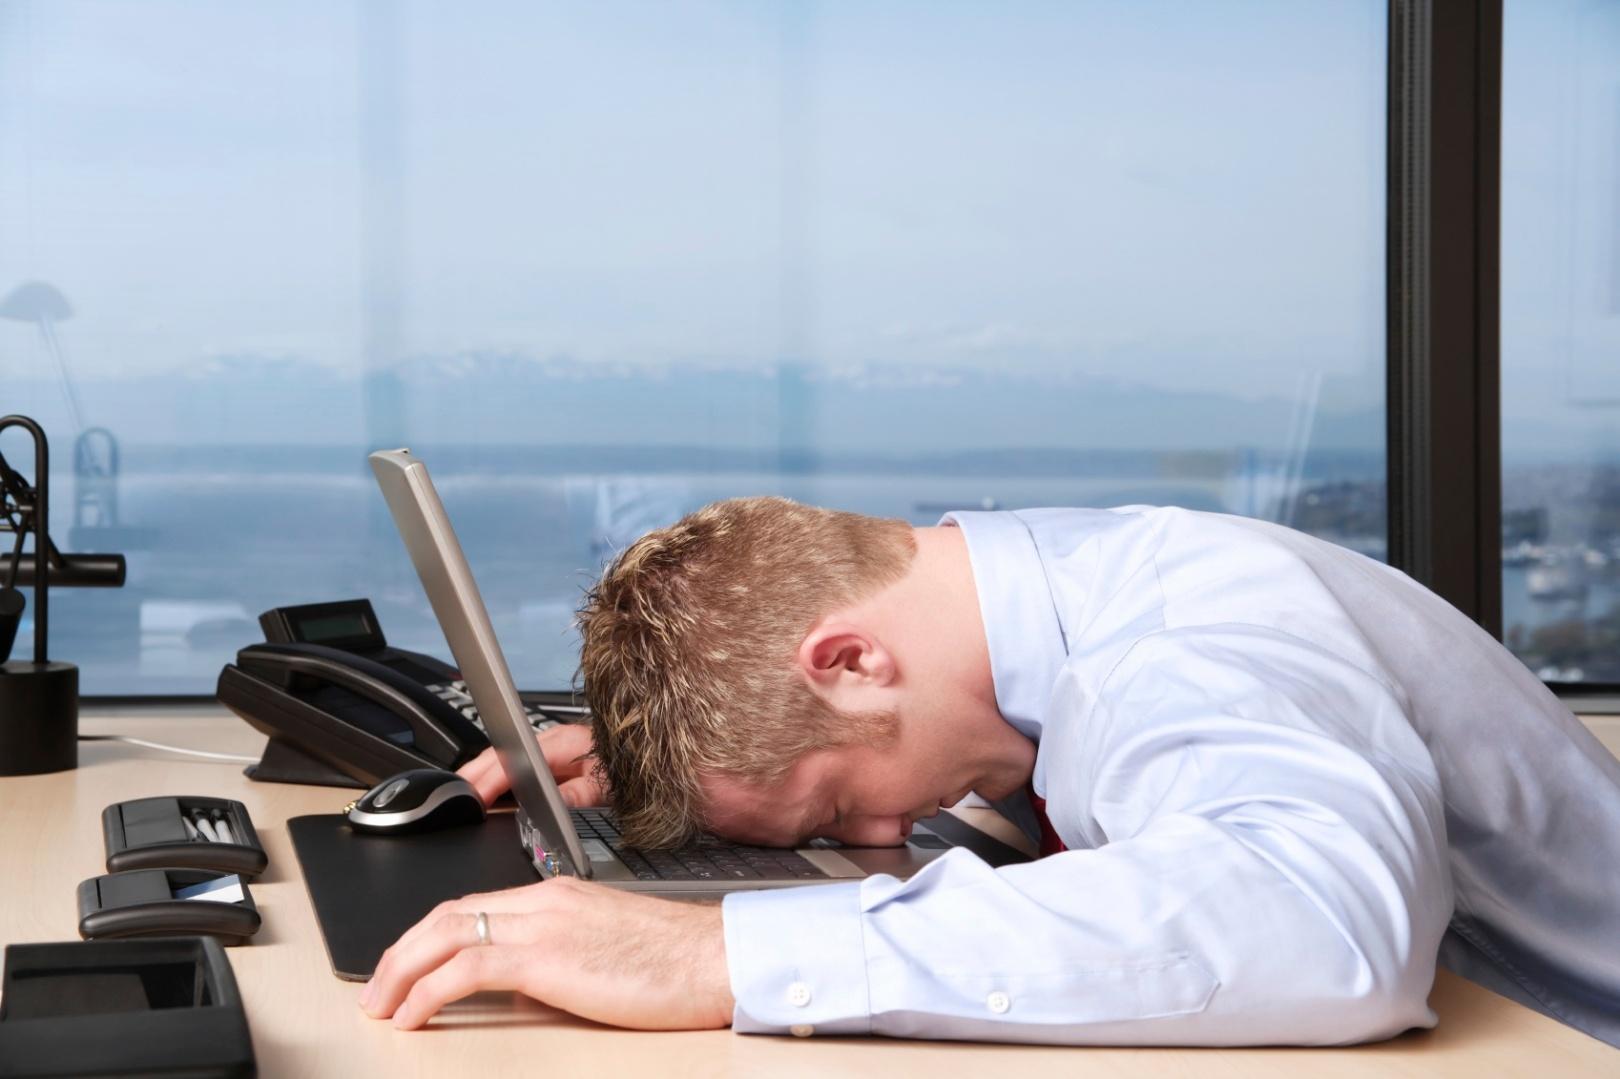 Man-sleeping-at-desk-on-laptop